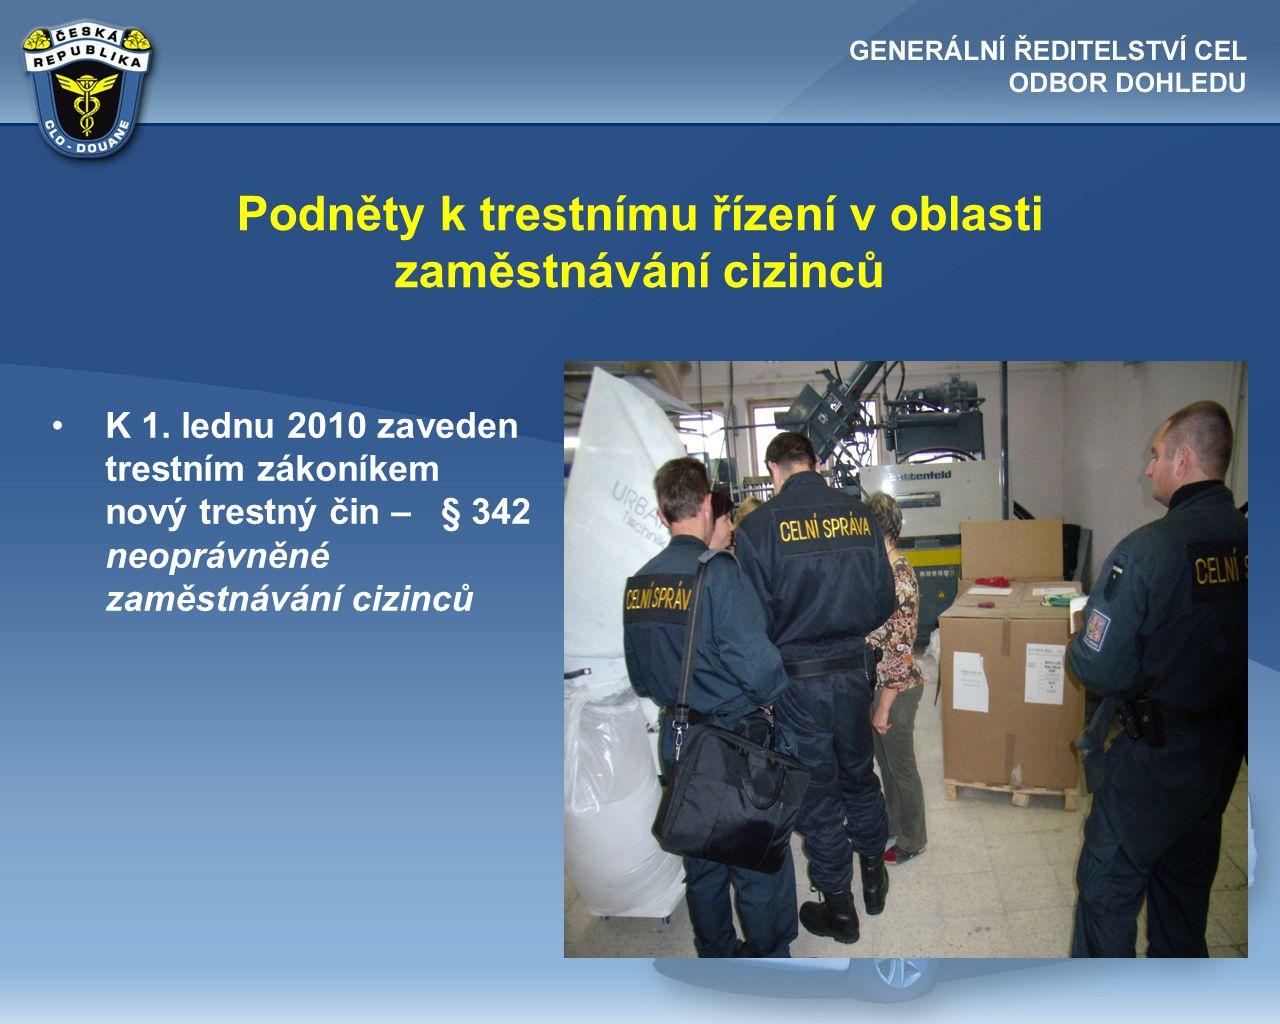 Podněty k trestnímu řízení v oblasti zaměstnávání cizinců